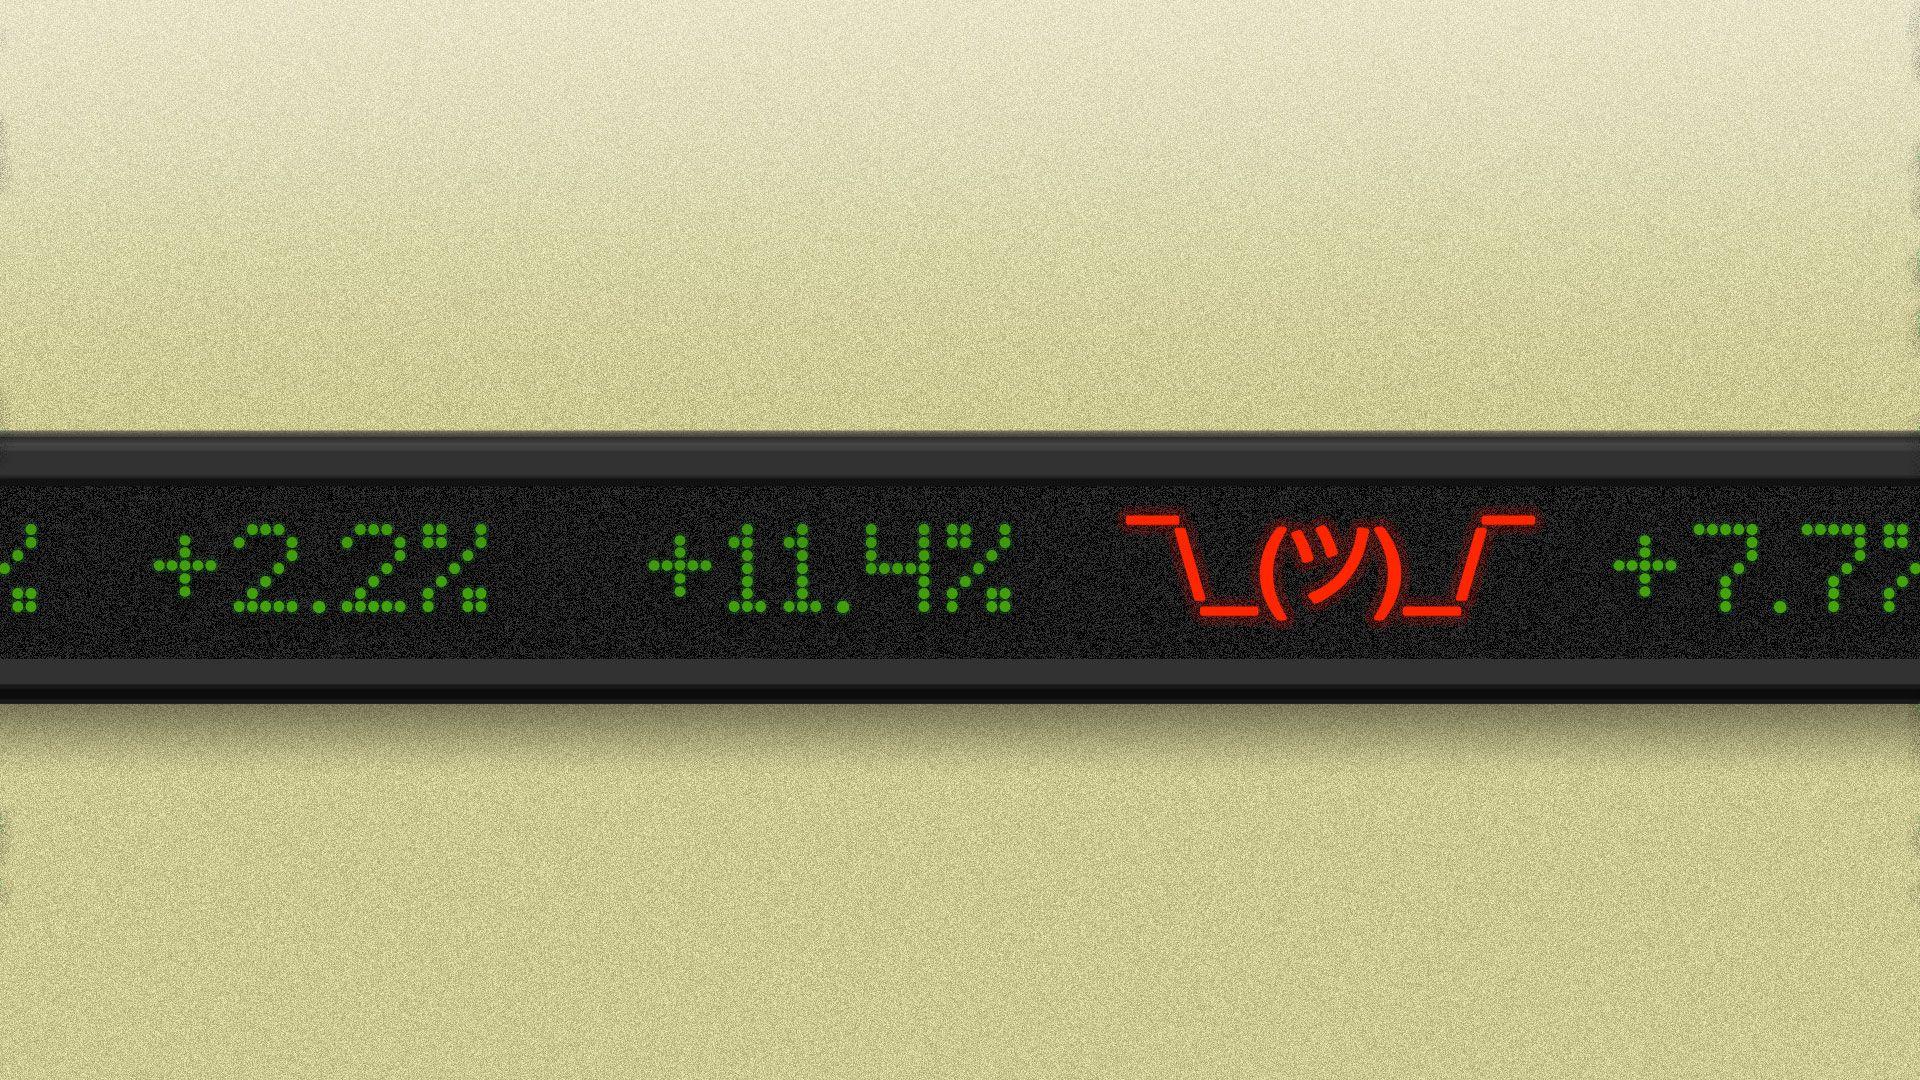 A shrugging emoji in a stock ticker